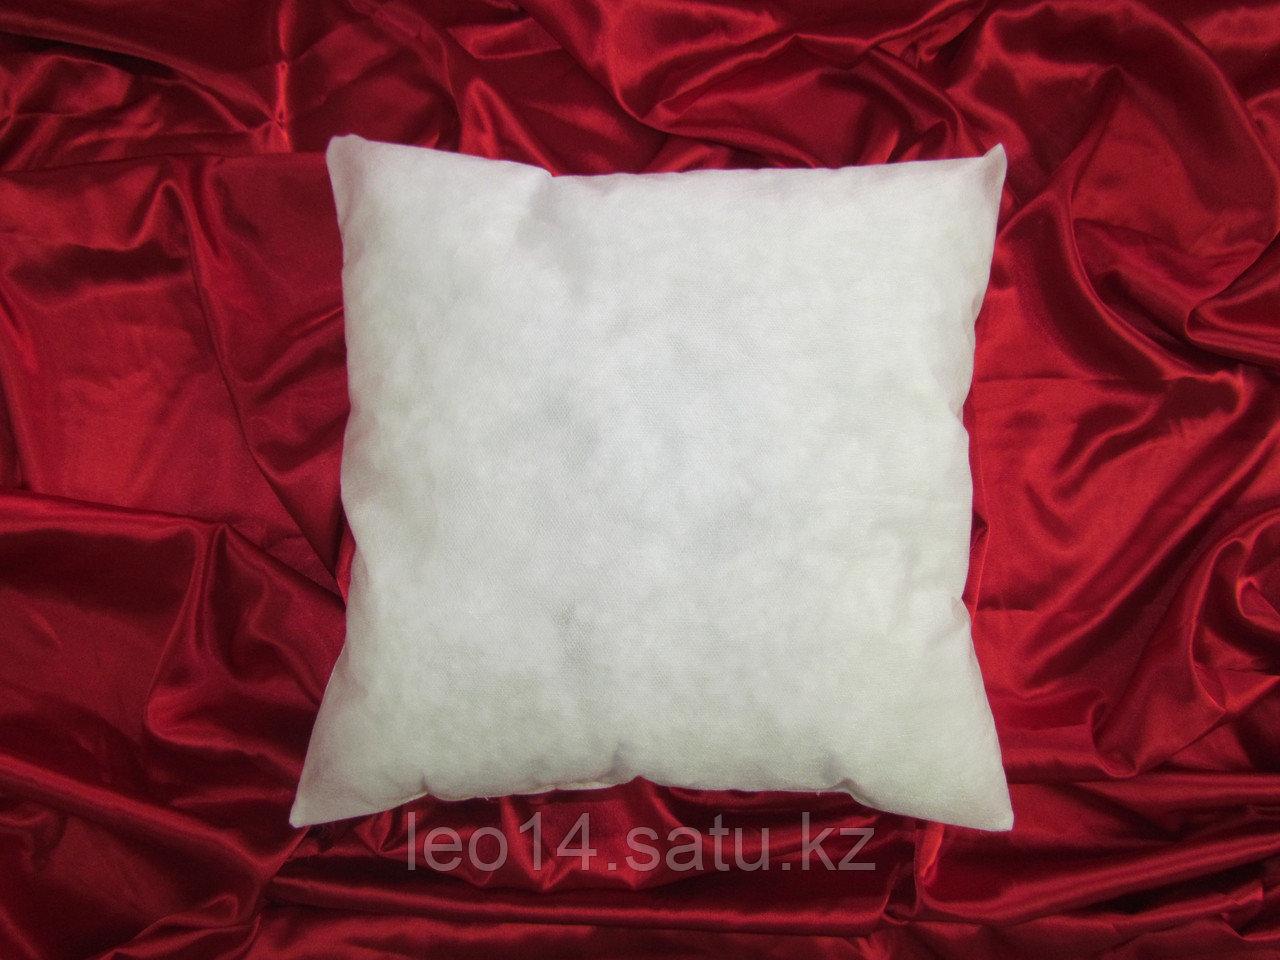 Подушка без наволочки 40х40 см. Спанбонд